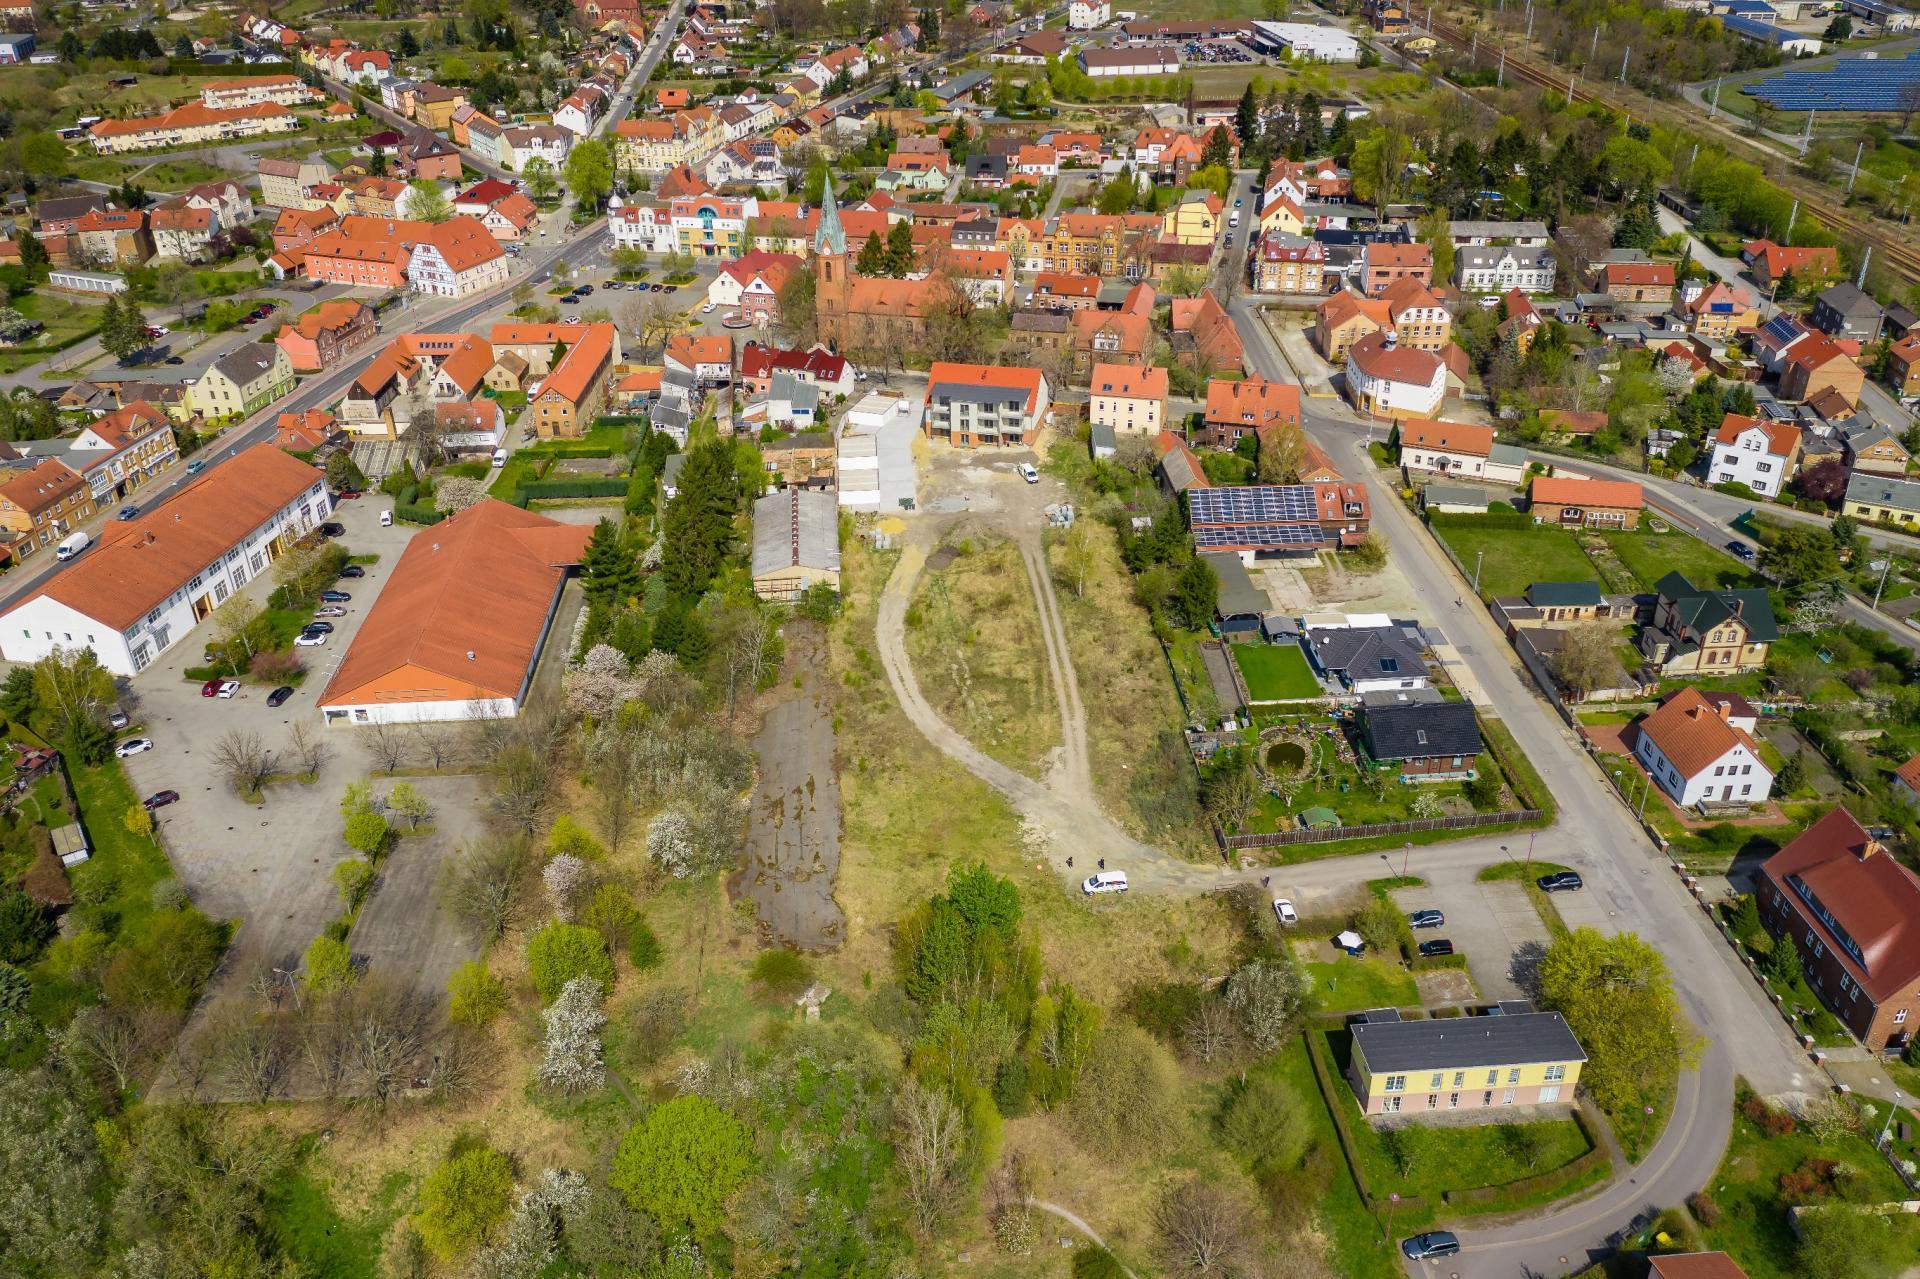 Wohnpark Am Spring 2020 Drohnen-Expertise